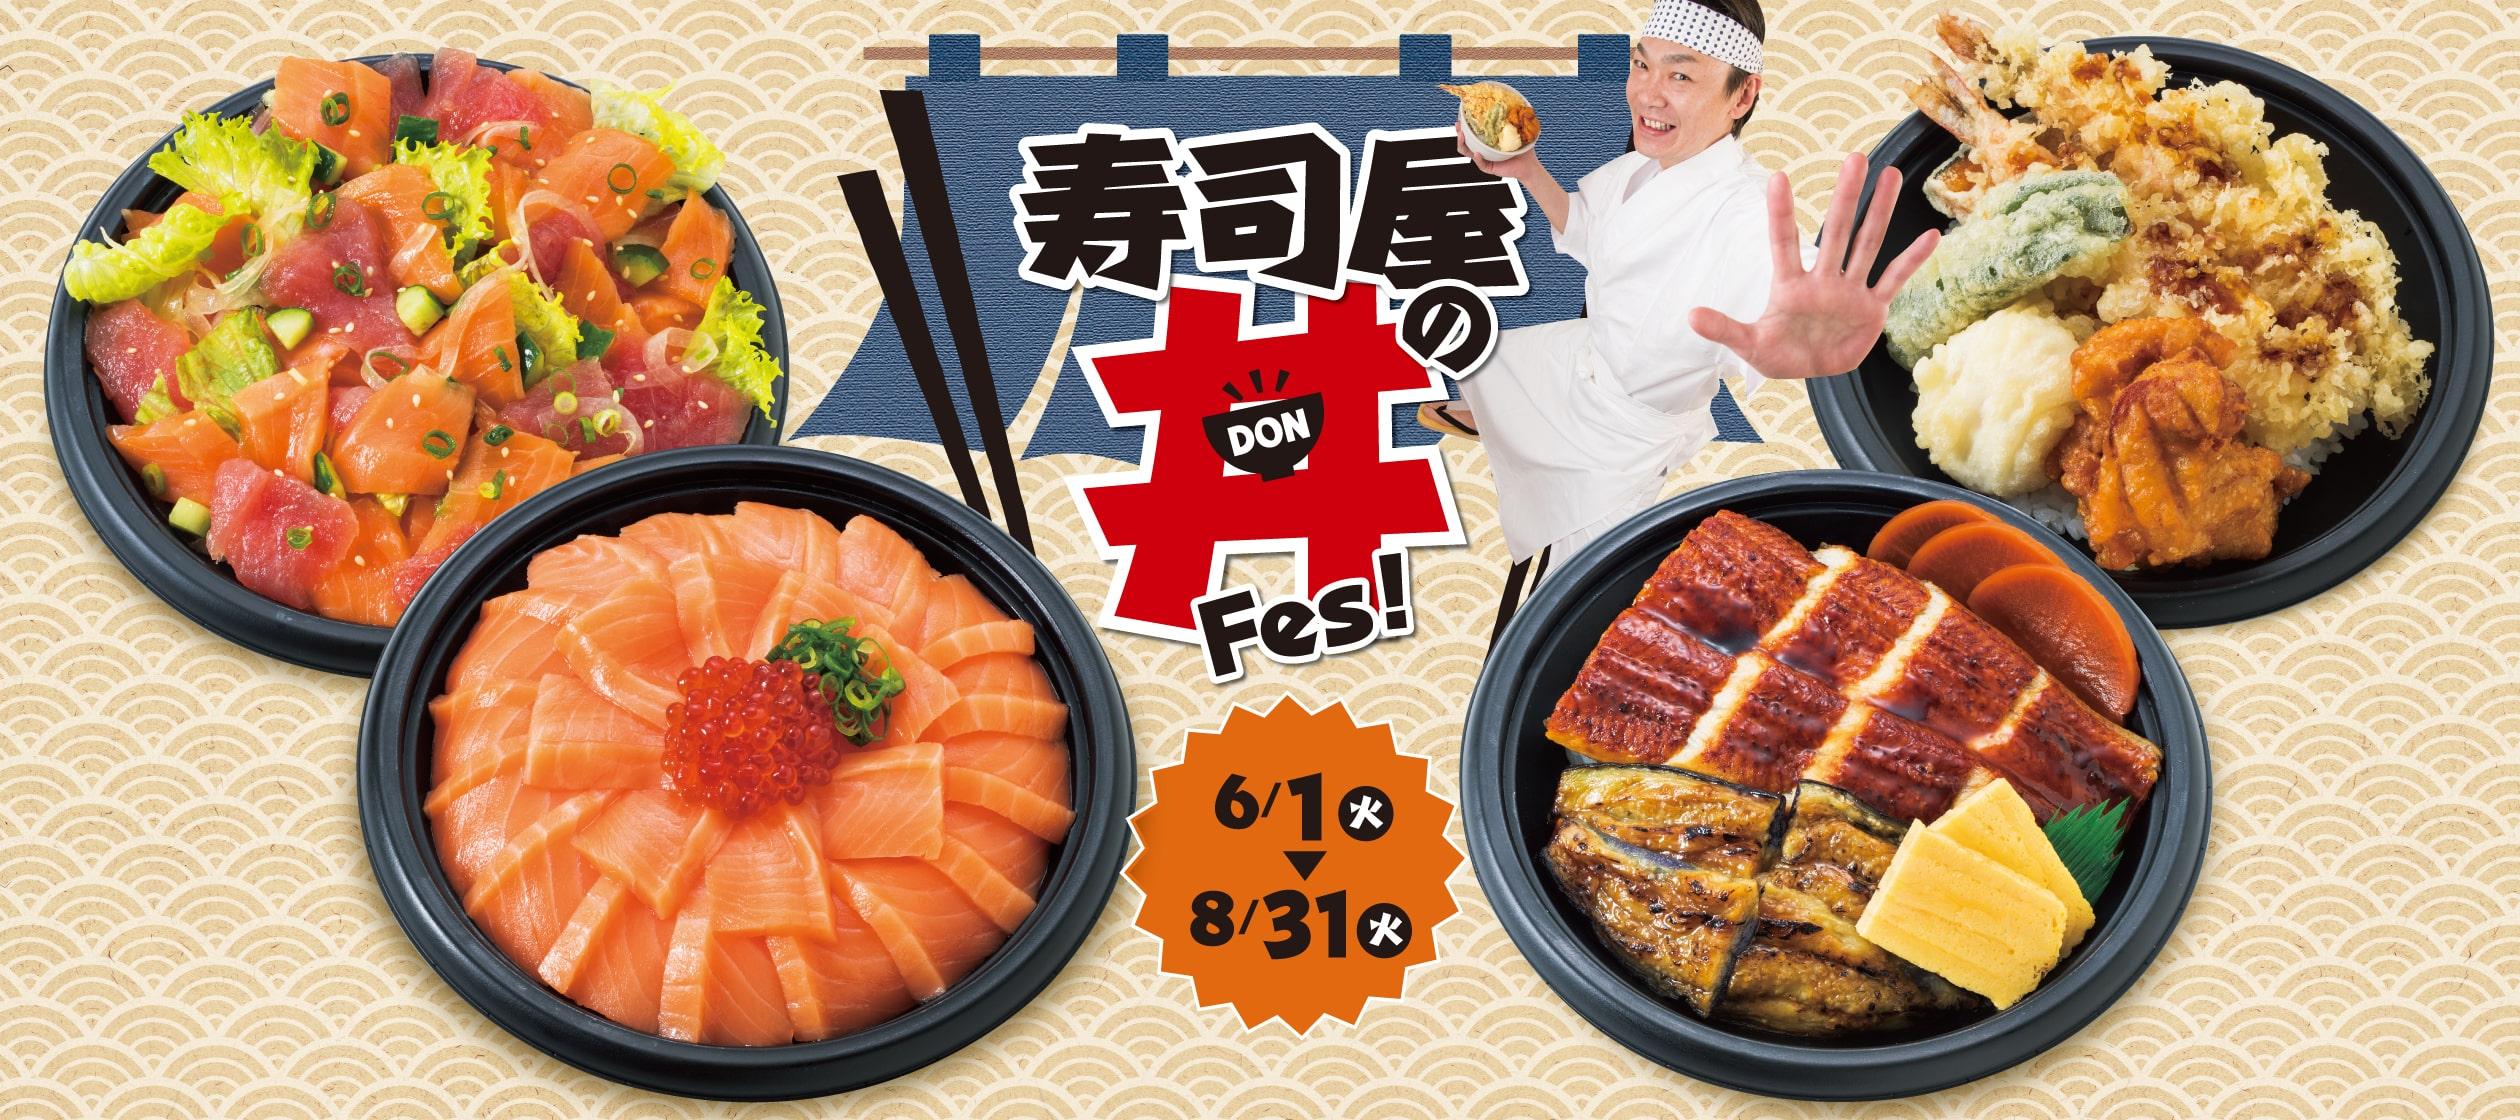 【期間限定】寿司屋の丼フェス(販売期間:6月1日~8月31日)